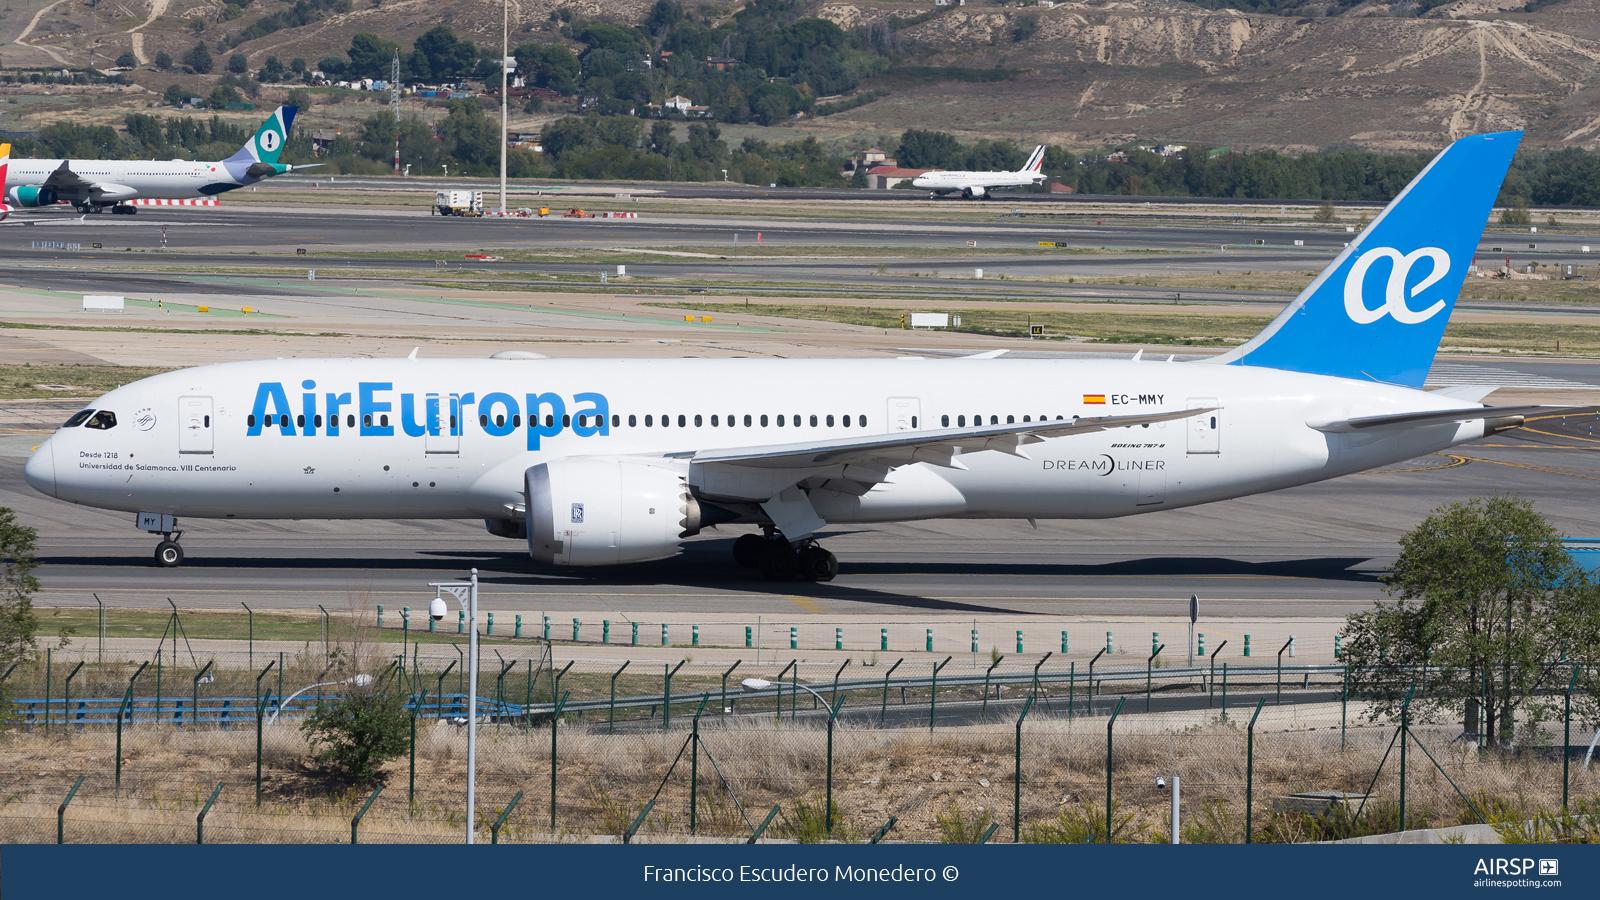 Air Europa  Boeing 787-8  EC-MMY